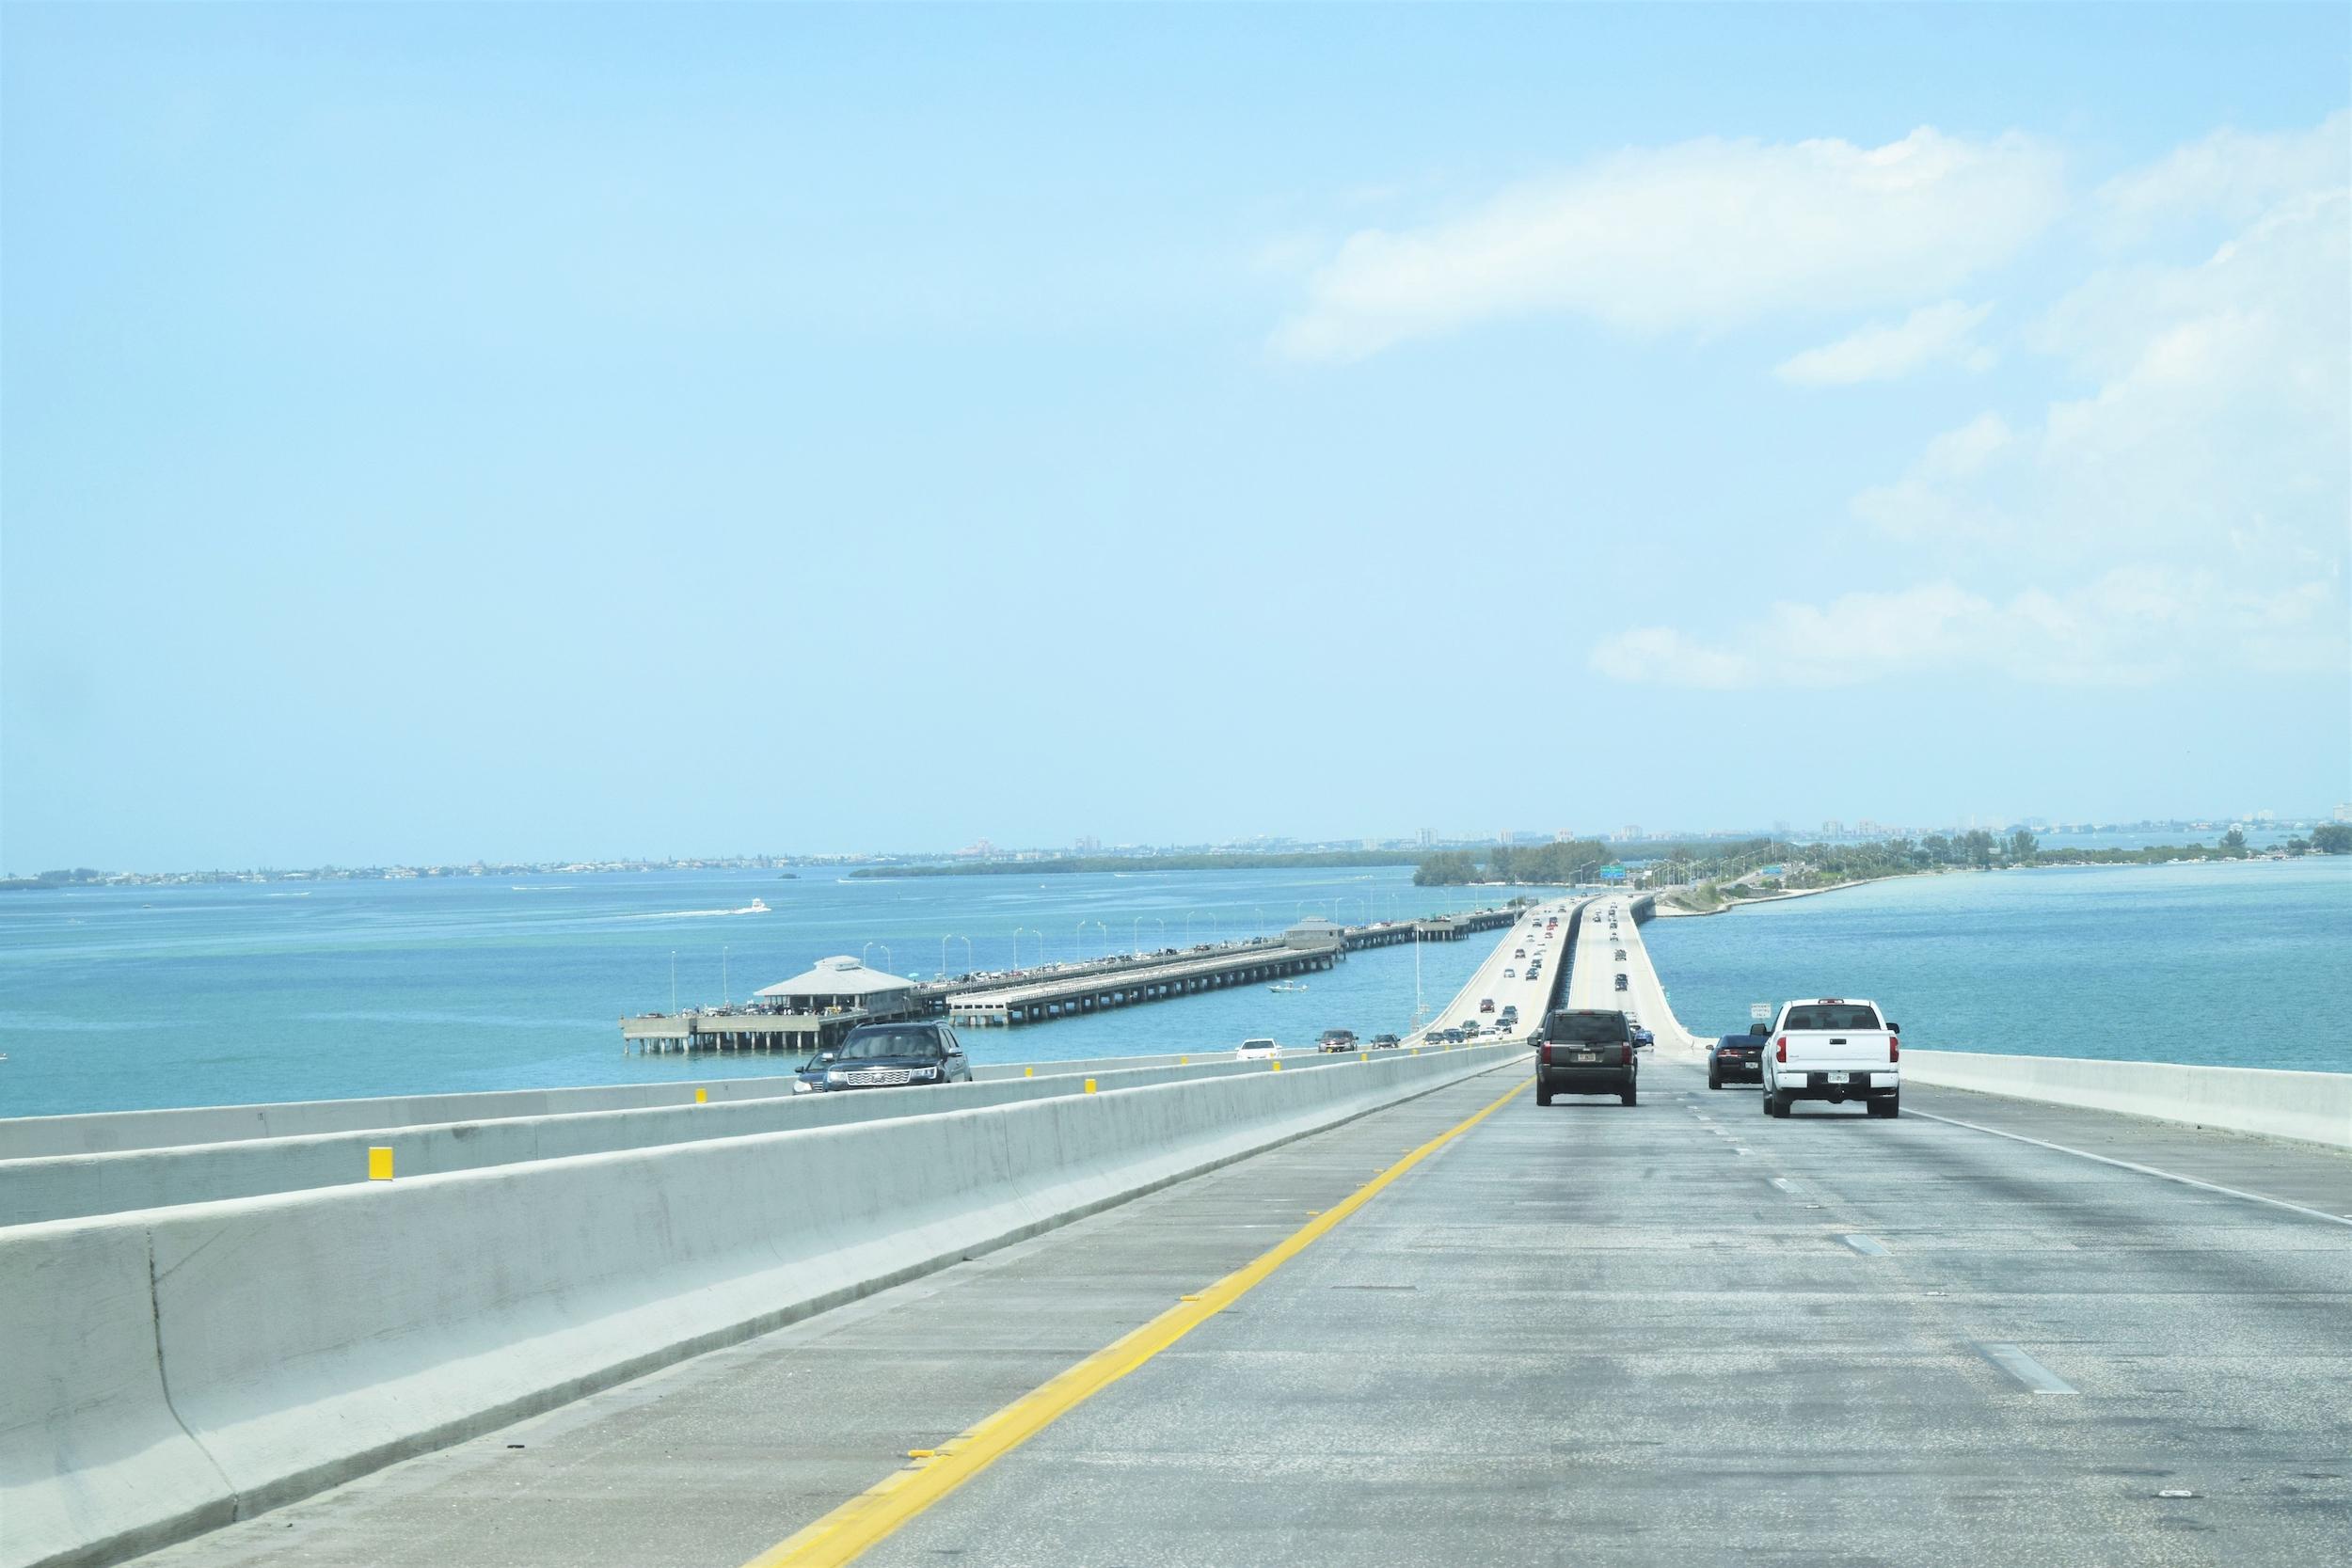 Bridge into St. Petersburg